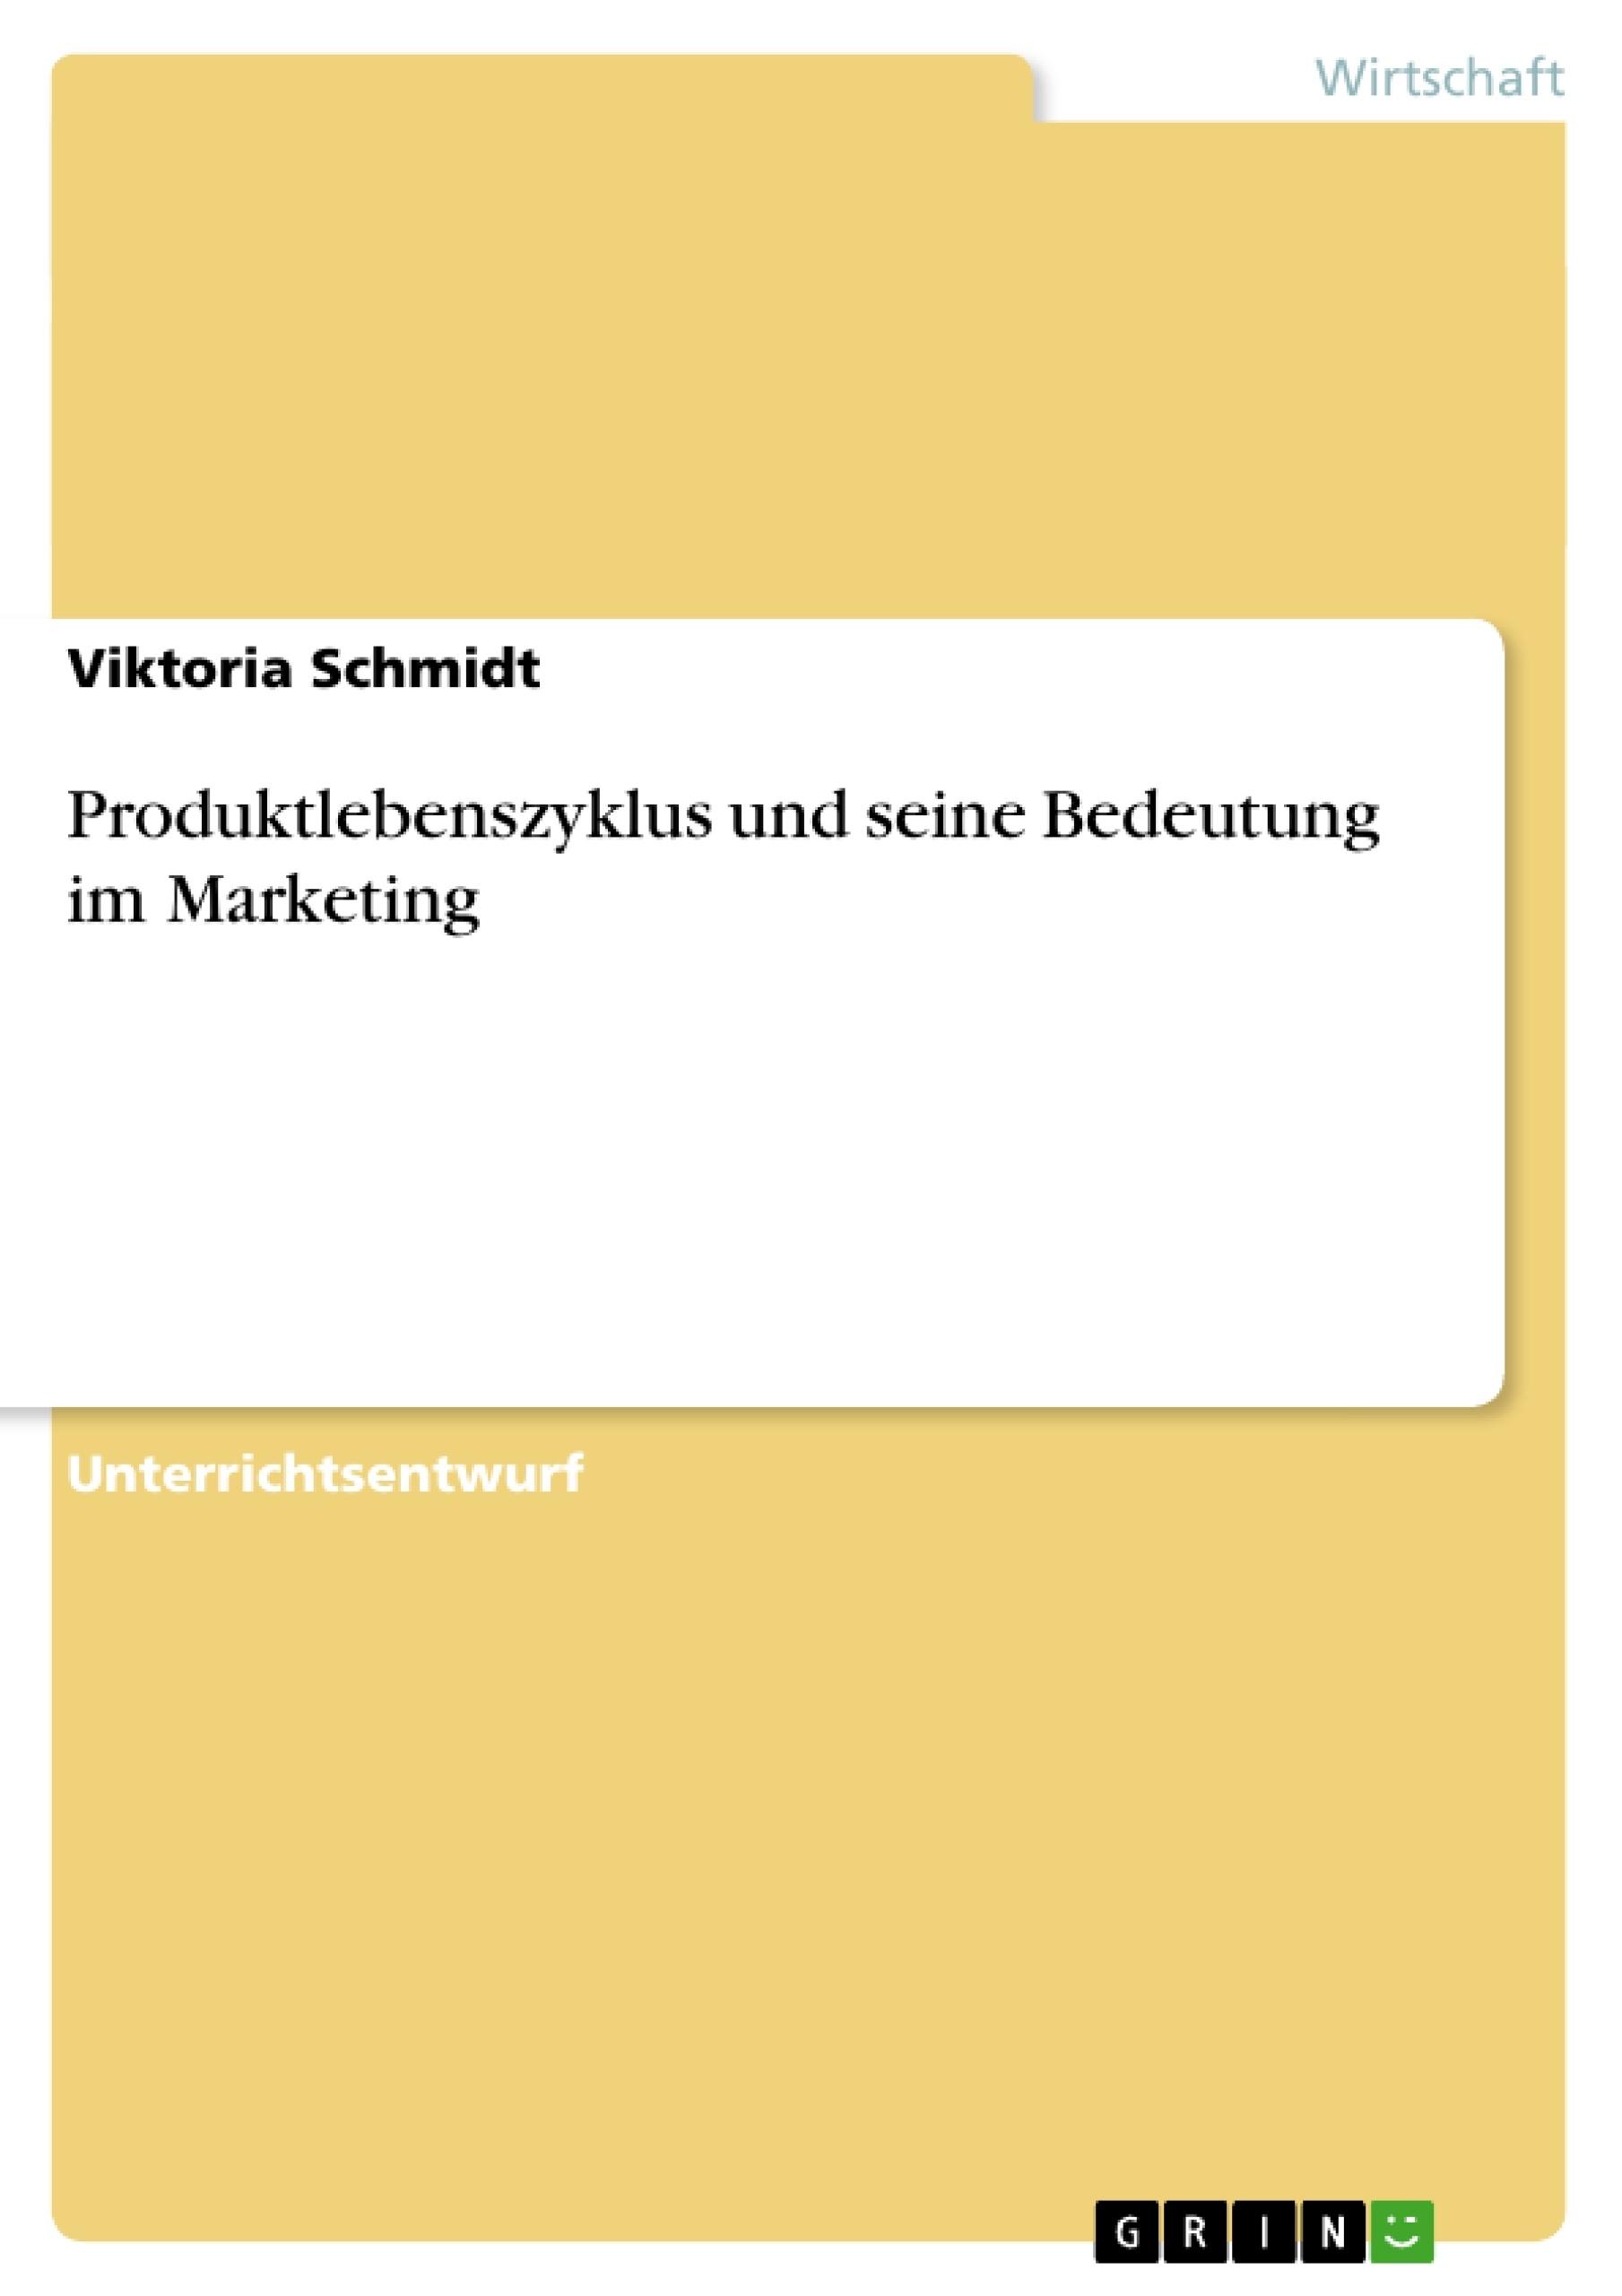 Titel: Produktlebenszyklus und seine Bedeutung im Marketing